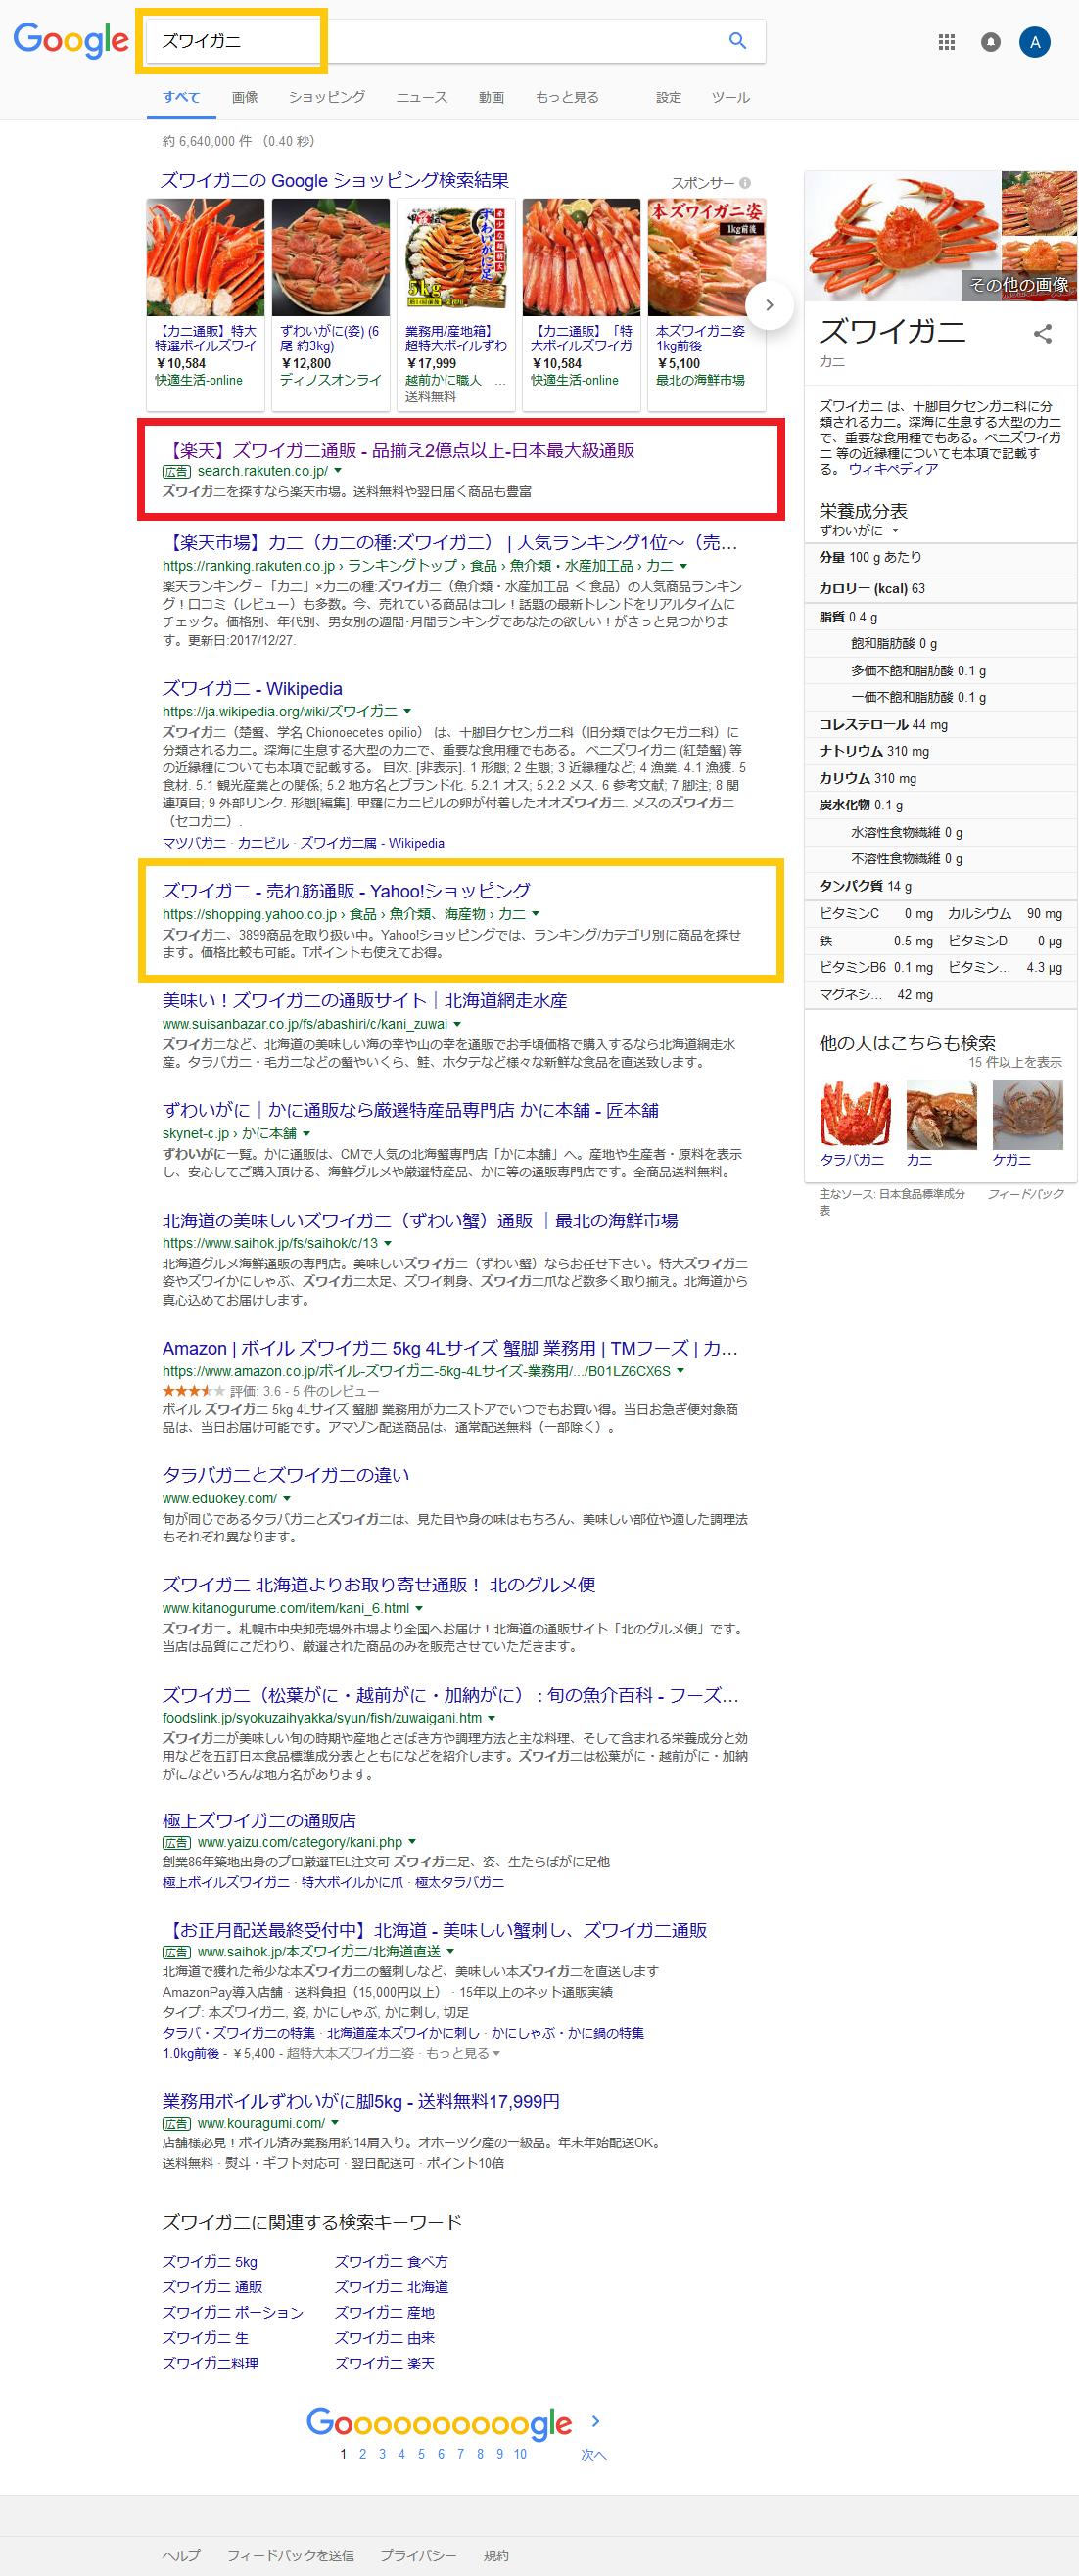 ズワイガニ - Google 検索 - 171228-141255a.png